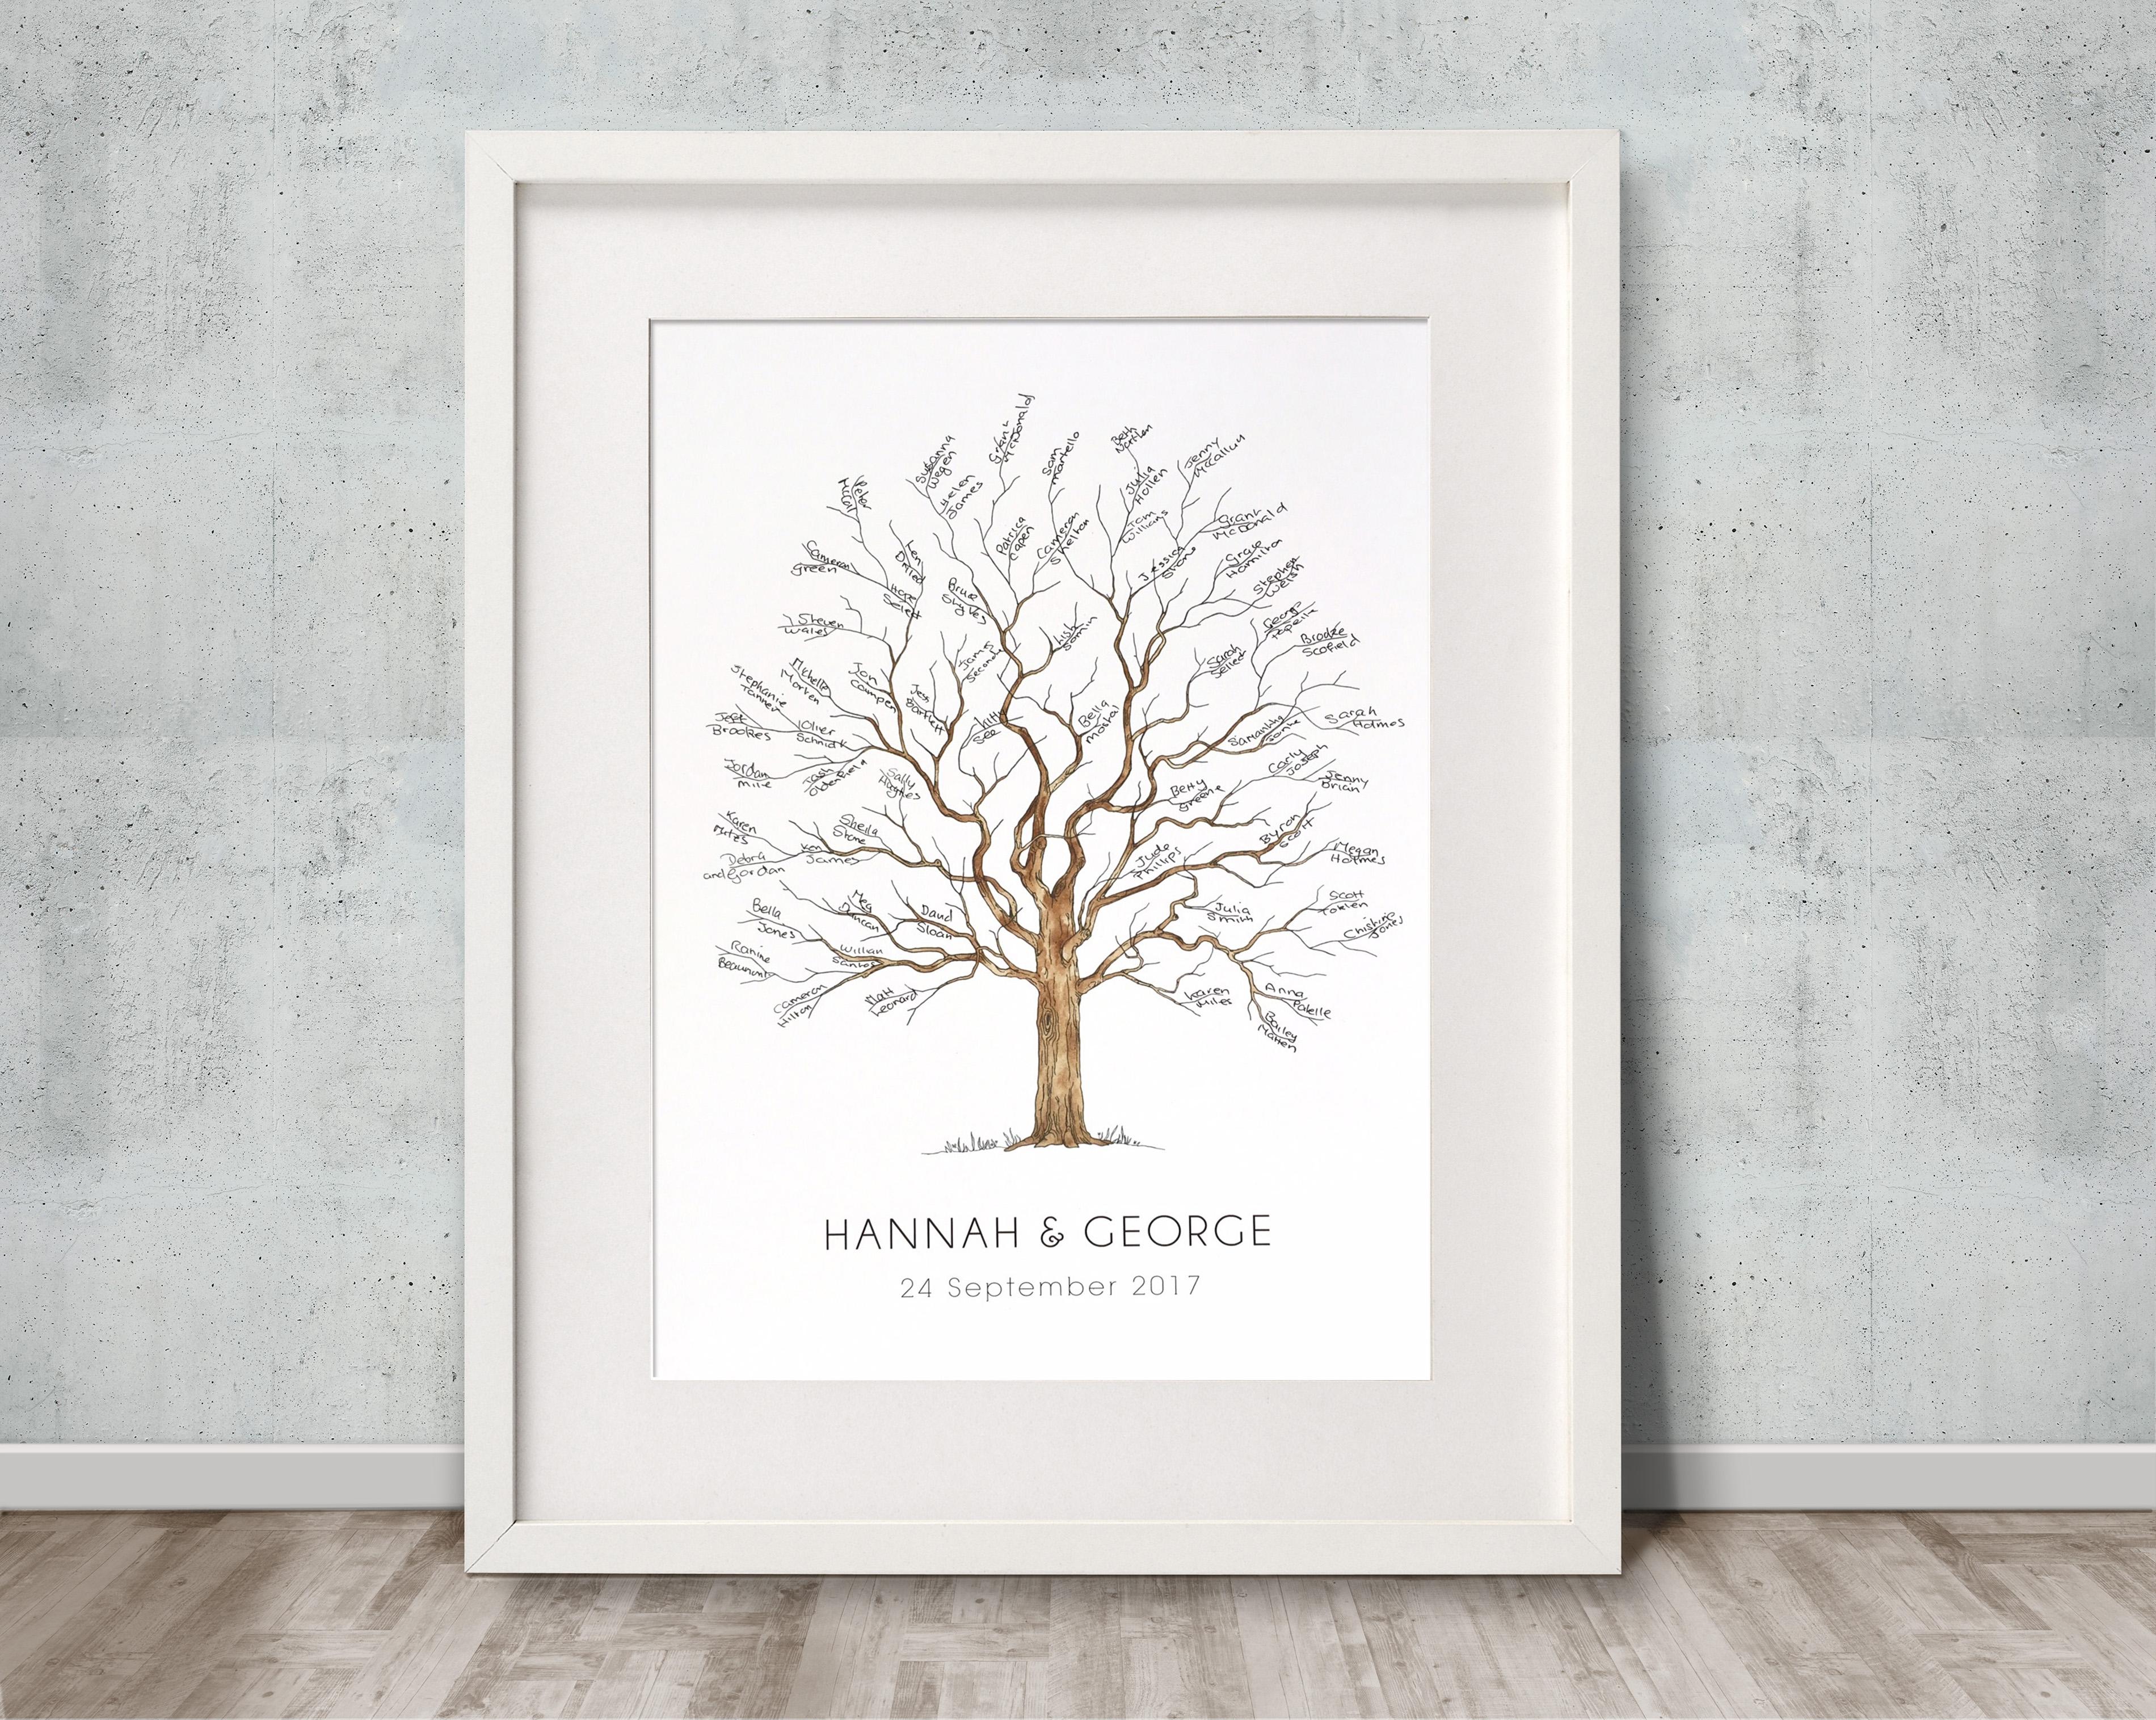 Fingerprint tree small for baby arrival, naming or christening